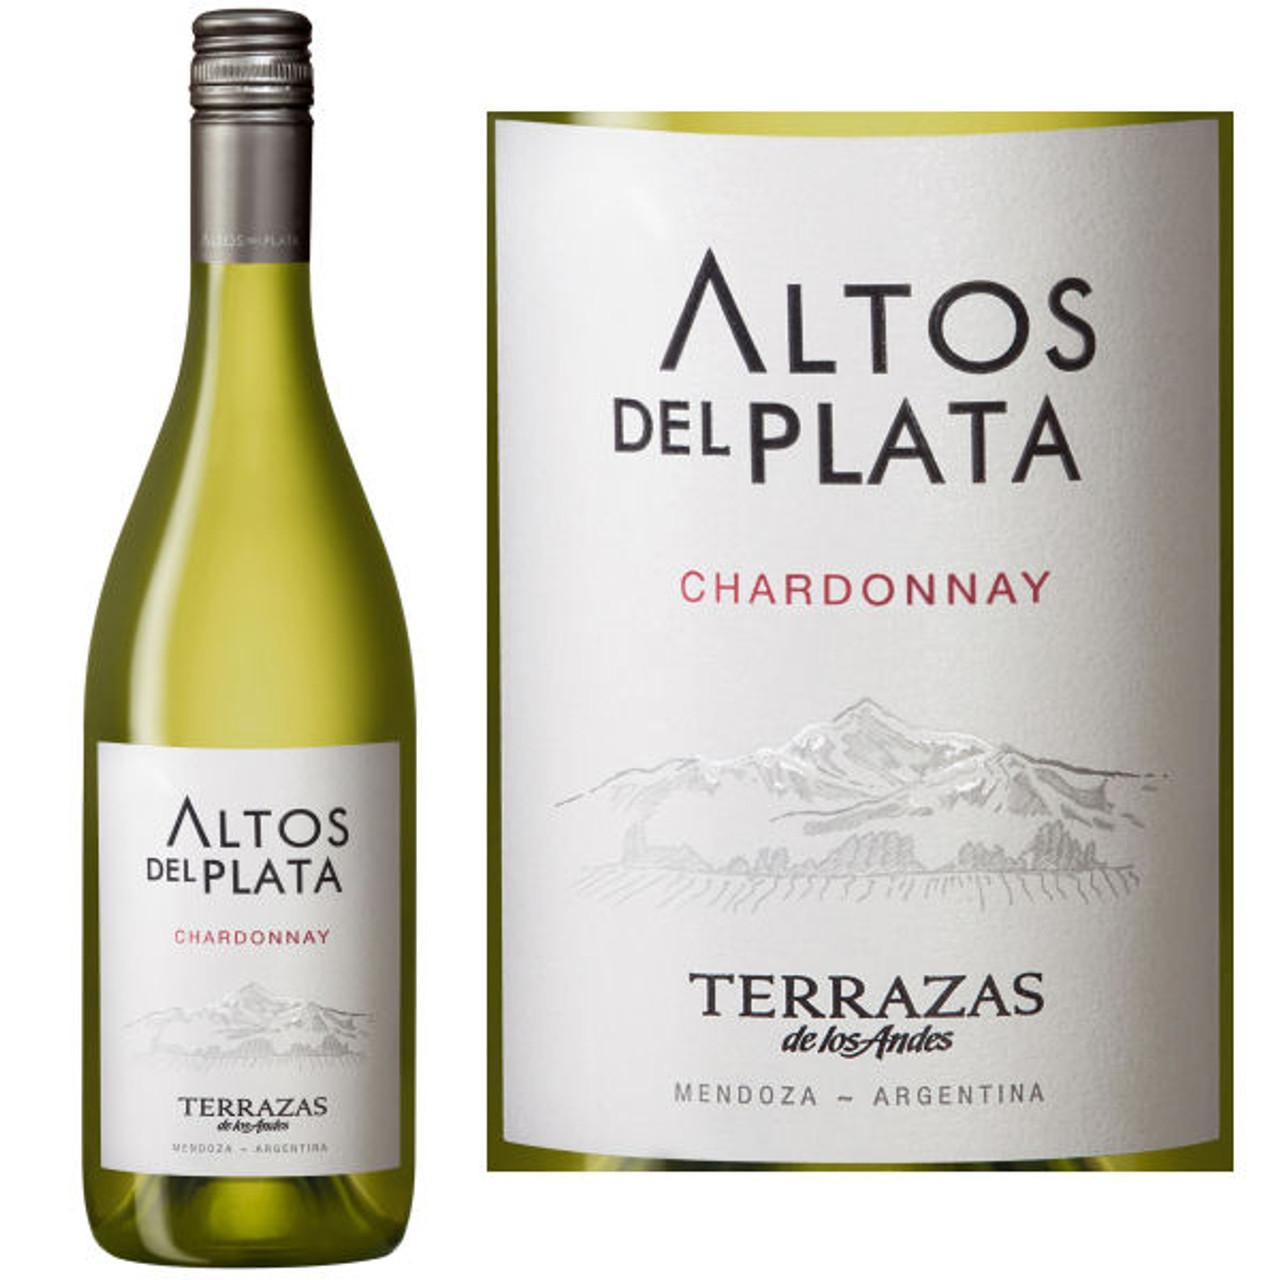 12 Bottle Case Terrazas De Los Andes Altos Del Plata Chardonnay 2017 W Free Shipping